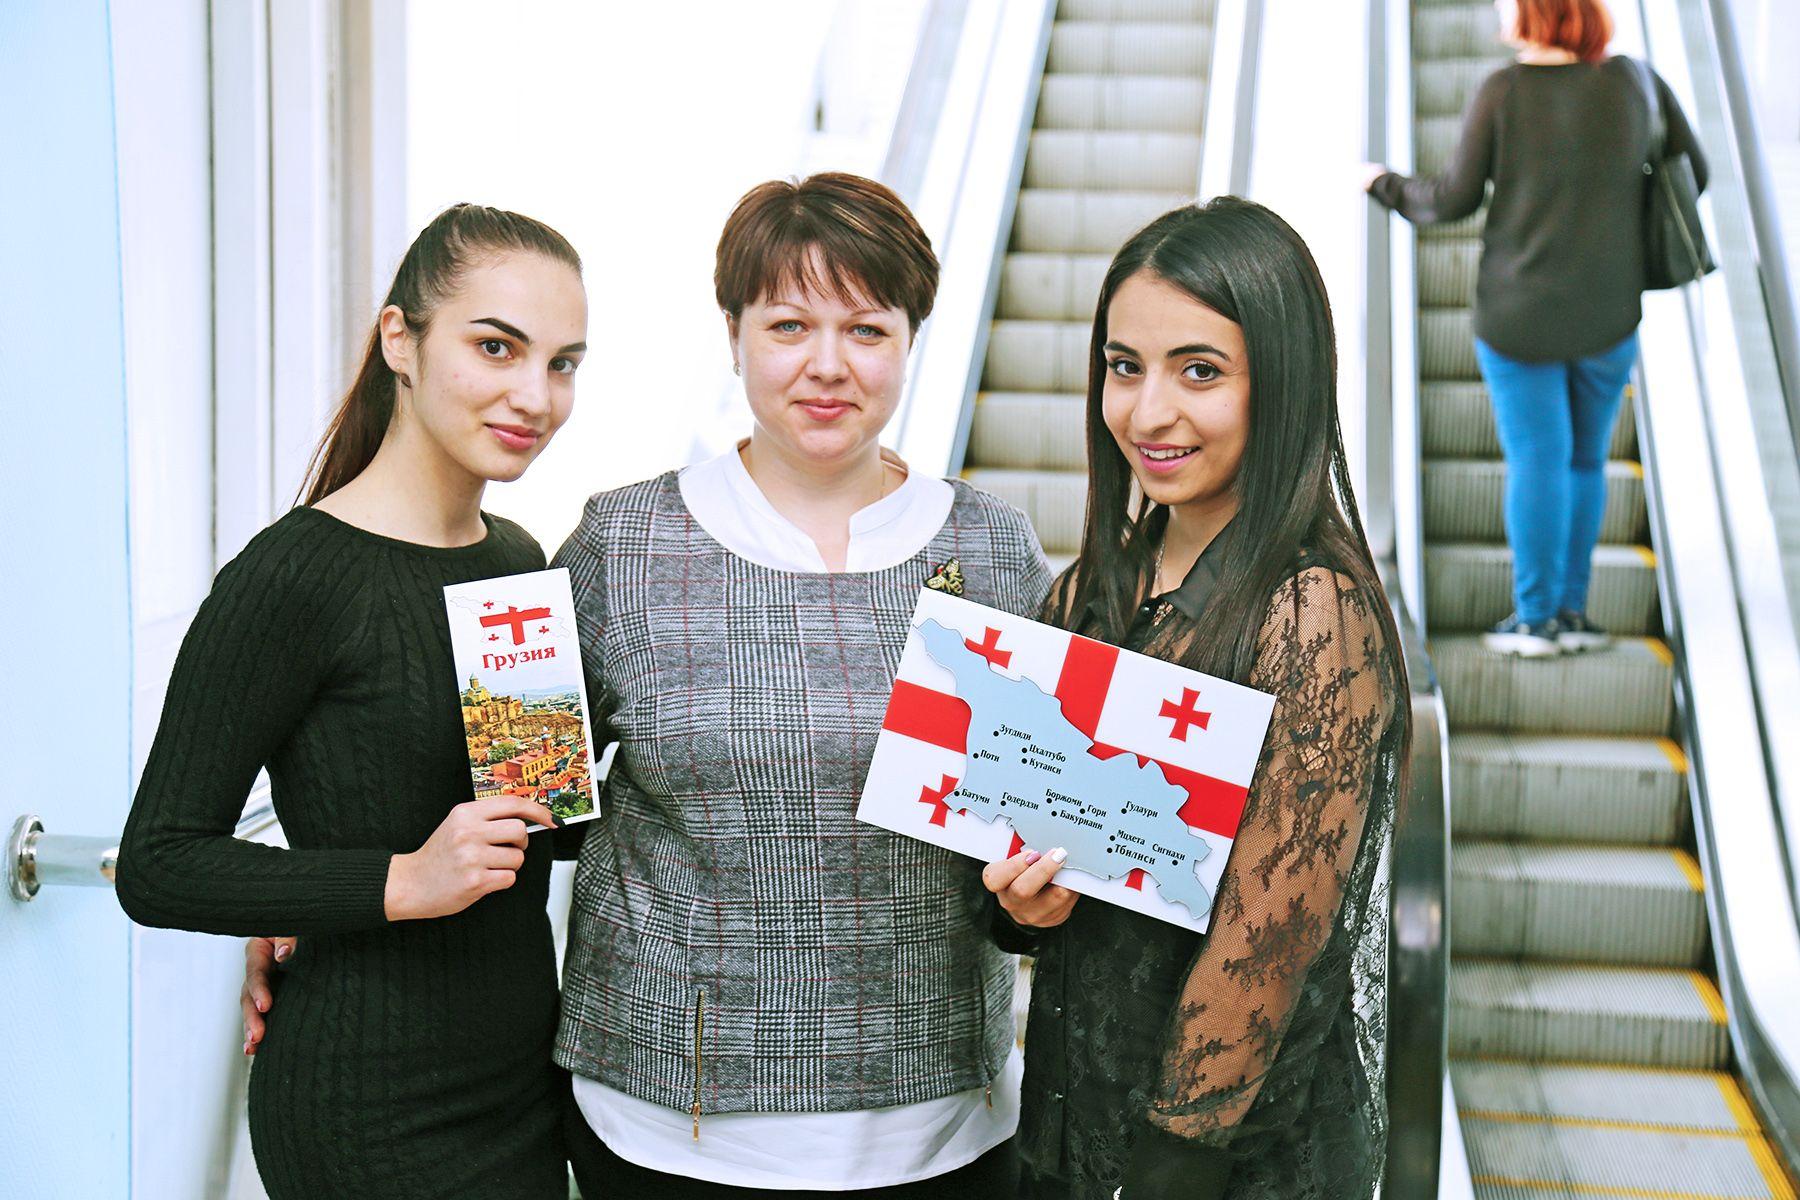 Студенты ВГУЭС - победители профессионального конкурса «Туризм и гостеприимство - шаг в профессию»